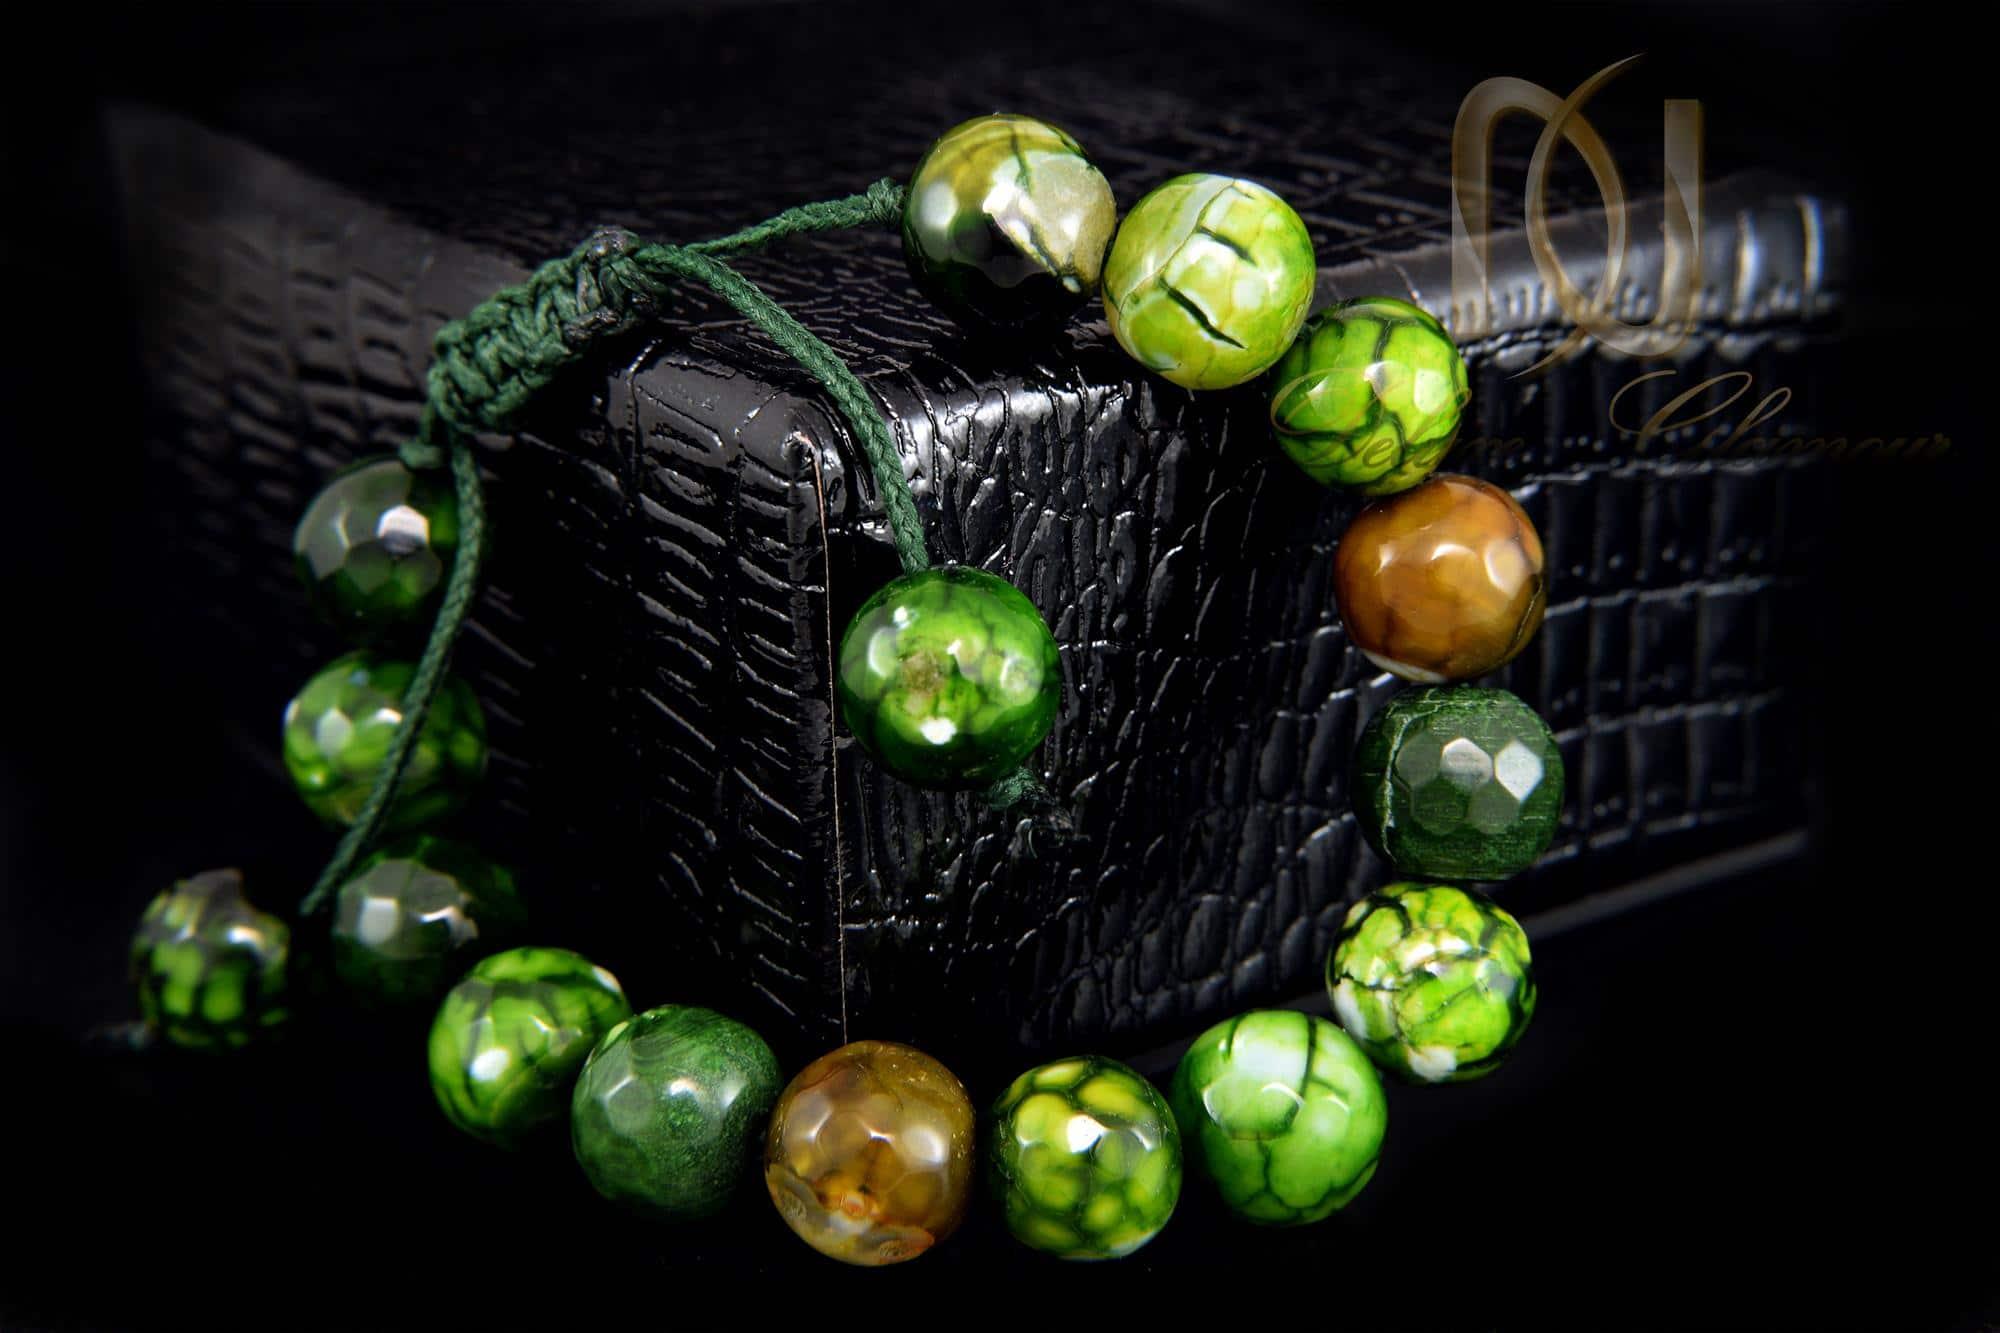 دستبند سنگی سبز عقیق دخترانه با قفل کراواتی ds-n012 - زمینه مشکی